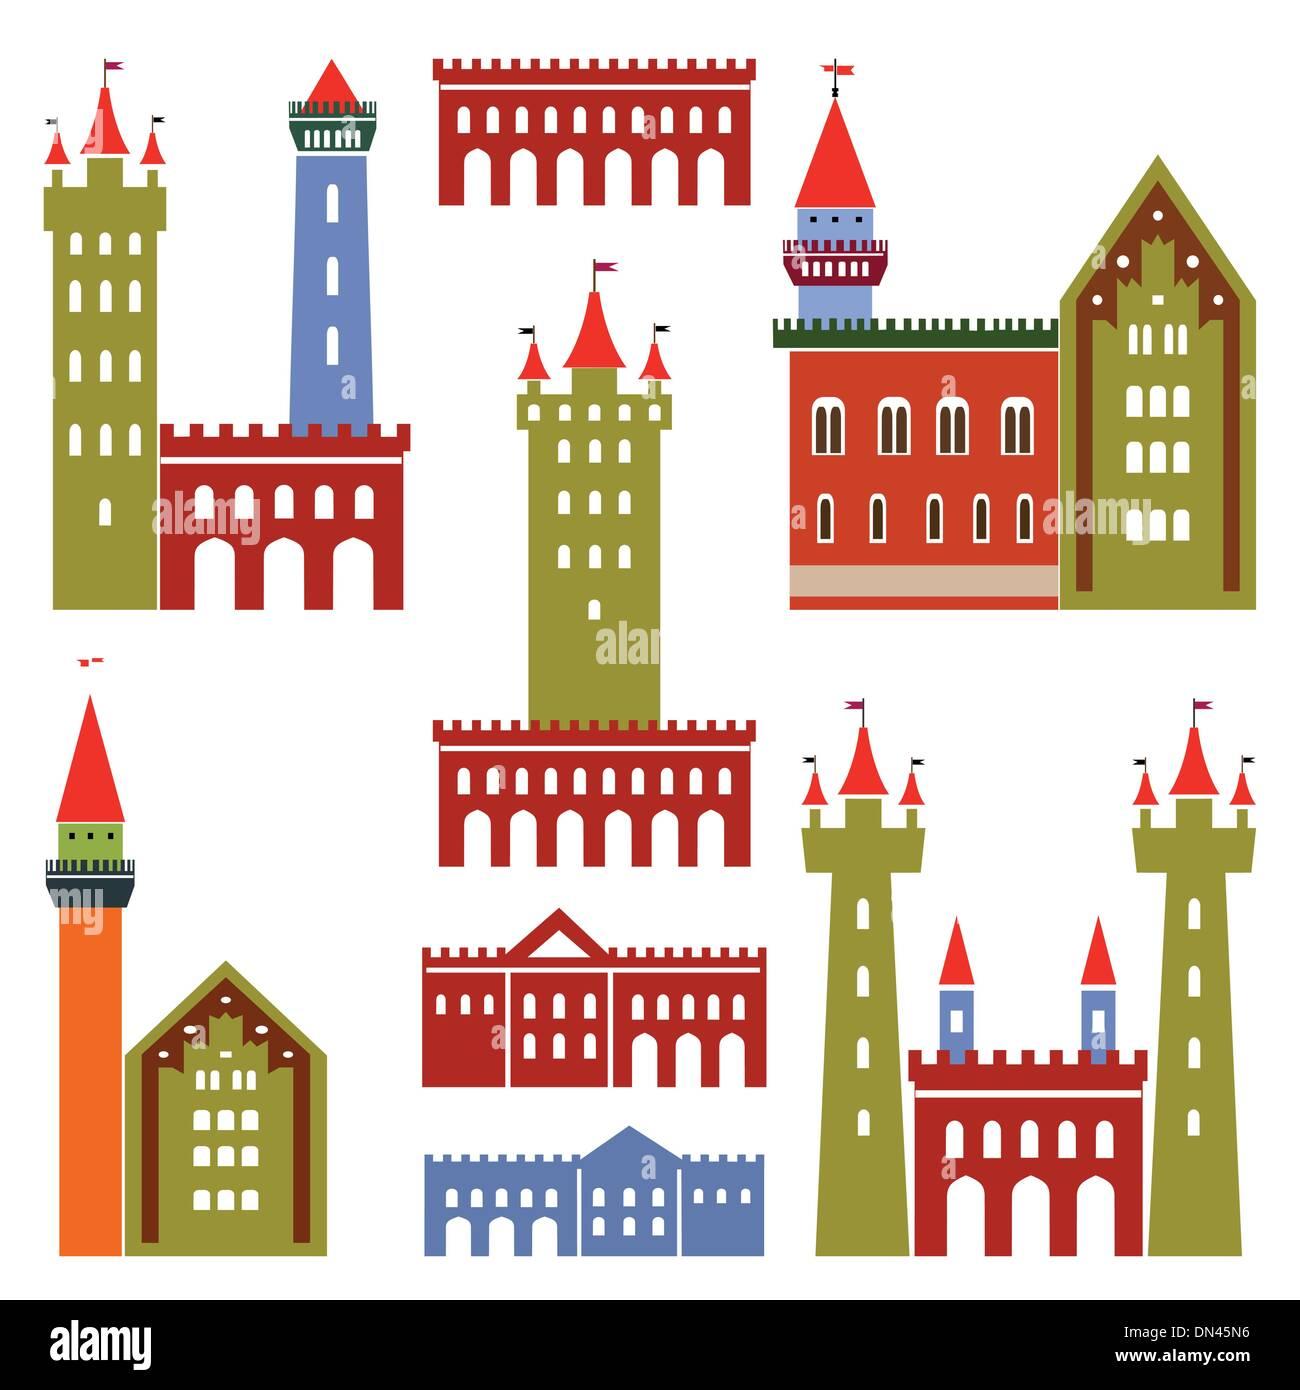 Arquitectura de vectores de castillos Imagen De Stock